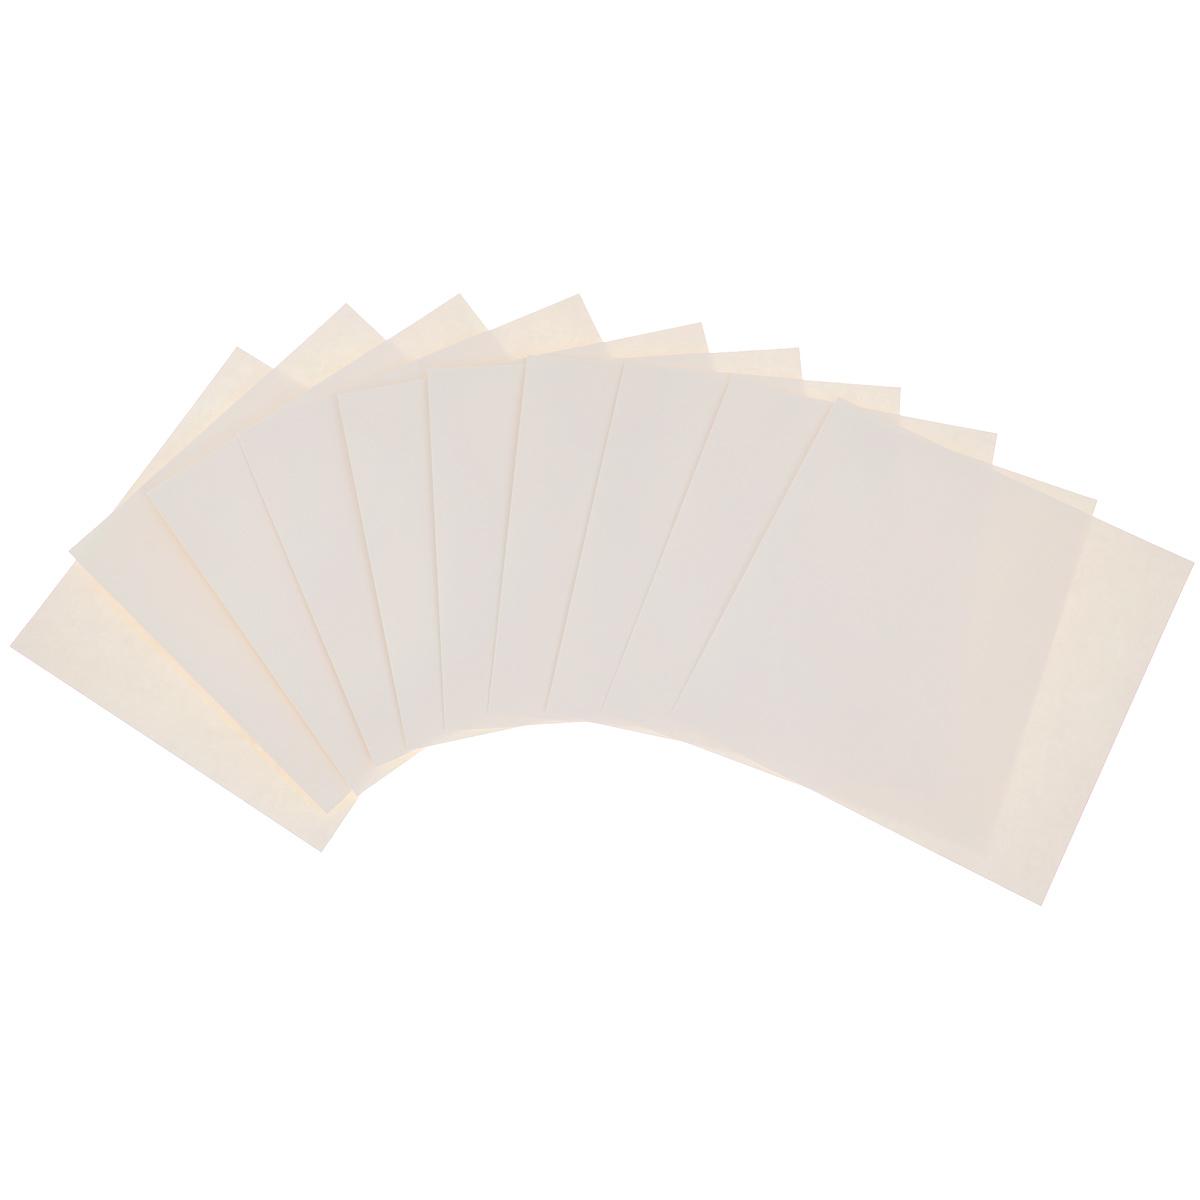 Набор обложек Zutter, 10,3 см х 10,3 см, 10 листовZUT2729Набор обложек Zutter позволит создать красивый альбом, блокнот или открытку ручной работы. Набор включает 10 листов однотонной плотной бумаги. Скрапбукинг - это хобби, которое способно приносить массу приятных эмоций не только человеку, который этим занимается, но и его близким, друзьям, родным. Это невероятно увлекательное занятие, которое поможет вам сохранить наиболее памятные и яркие моменты вашей жизни, а также интересно оформить интерьер дома. Размер: 10,3 см х 10,3 см.